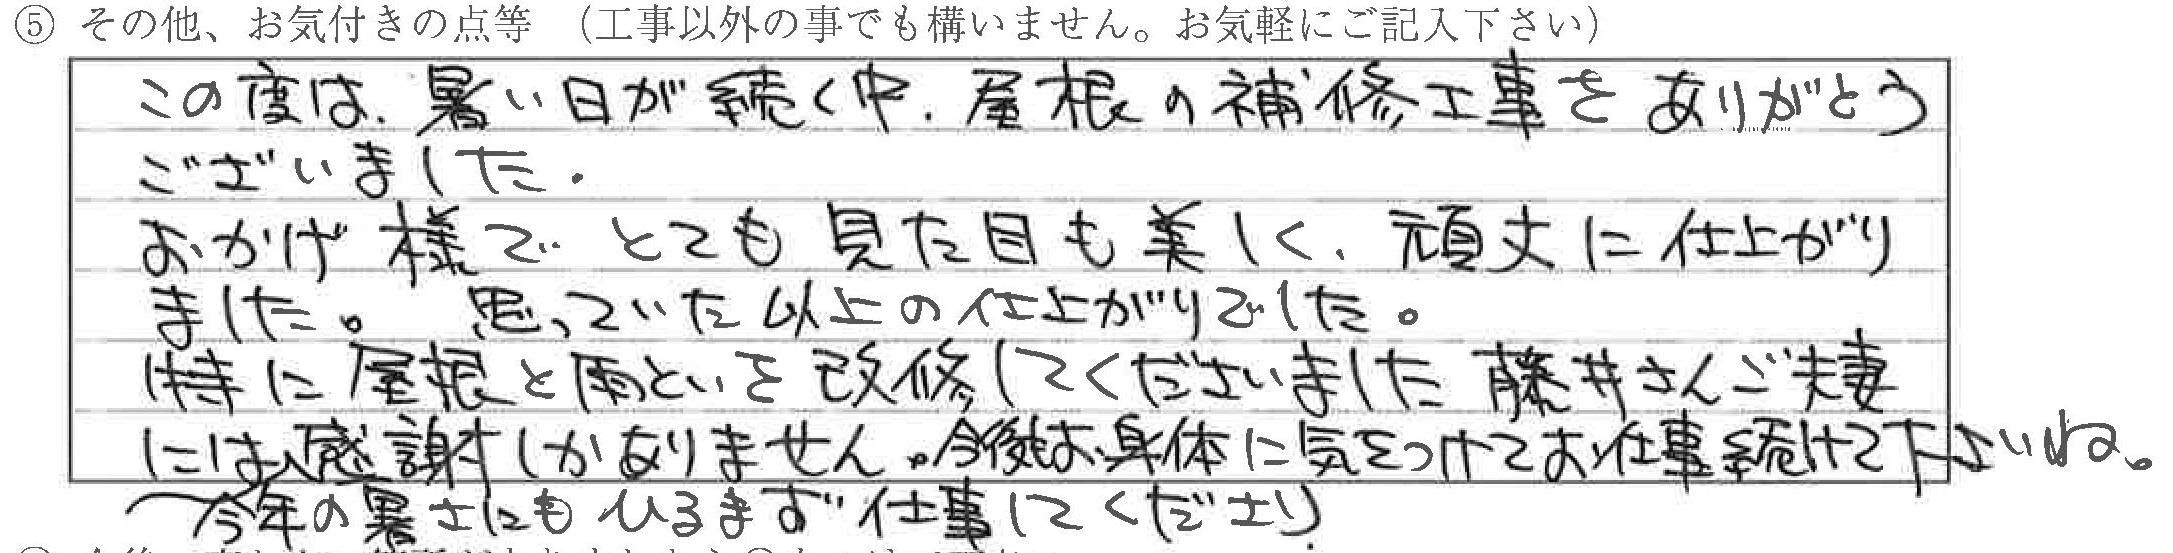 富山県高岡市K様に頂いた屋根改修工事についてのお気づきの点がありましたら、お聞かせ下さい。というご質問について「屋根工事【お喜びの声】」というお声についての画像